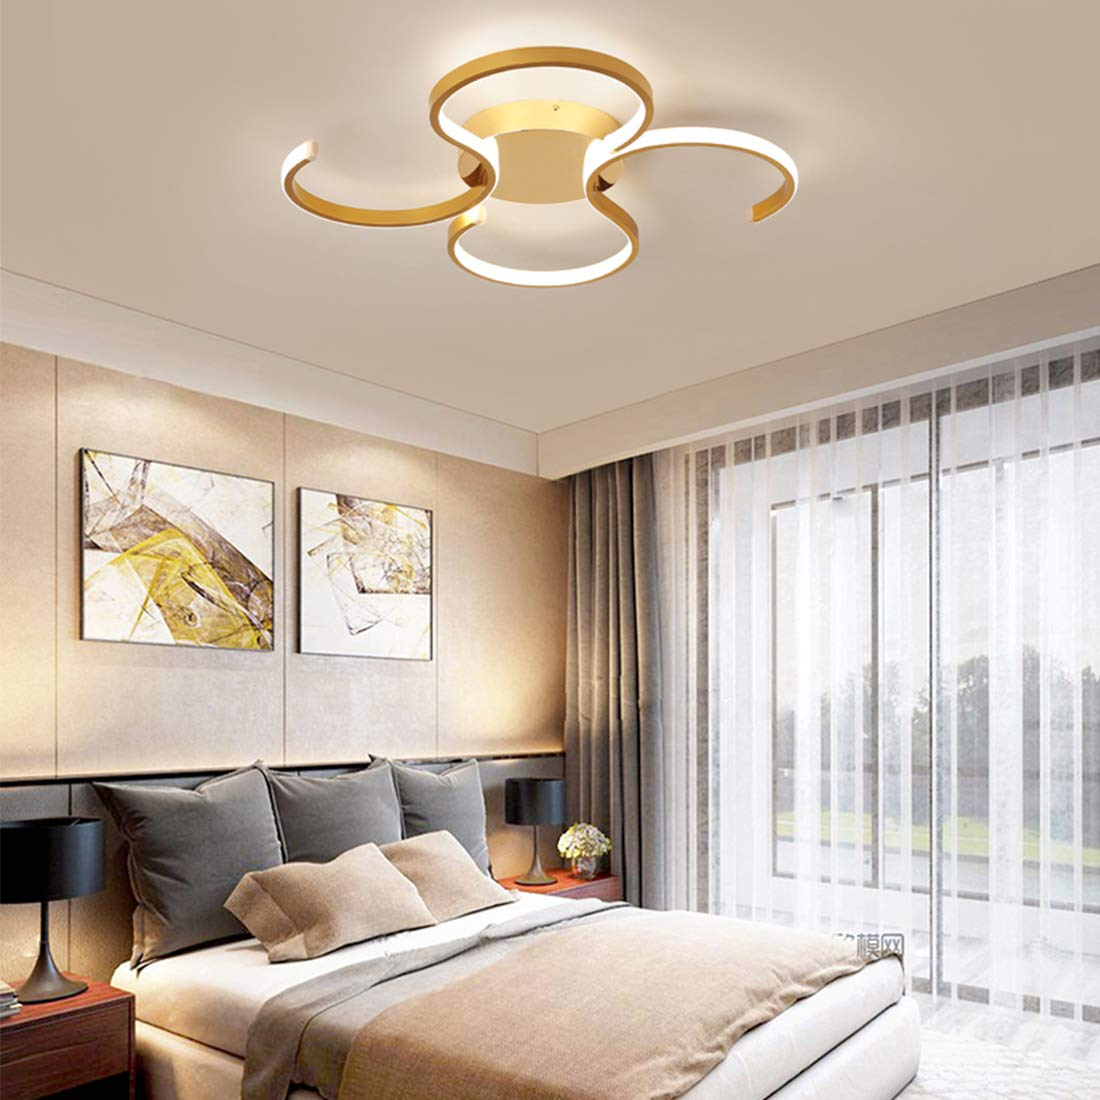 Plafonnier LED Plafonnier 50cm 38W Dimmable avec t/él/écommande Lampe de salon Rron Lustre Lampe de chambre denfant Lampe de salle /à manger Lampe de chambre Lampe de salle hall Lampe de salle de bain